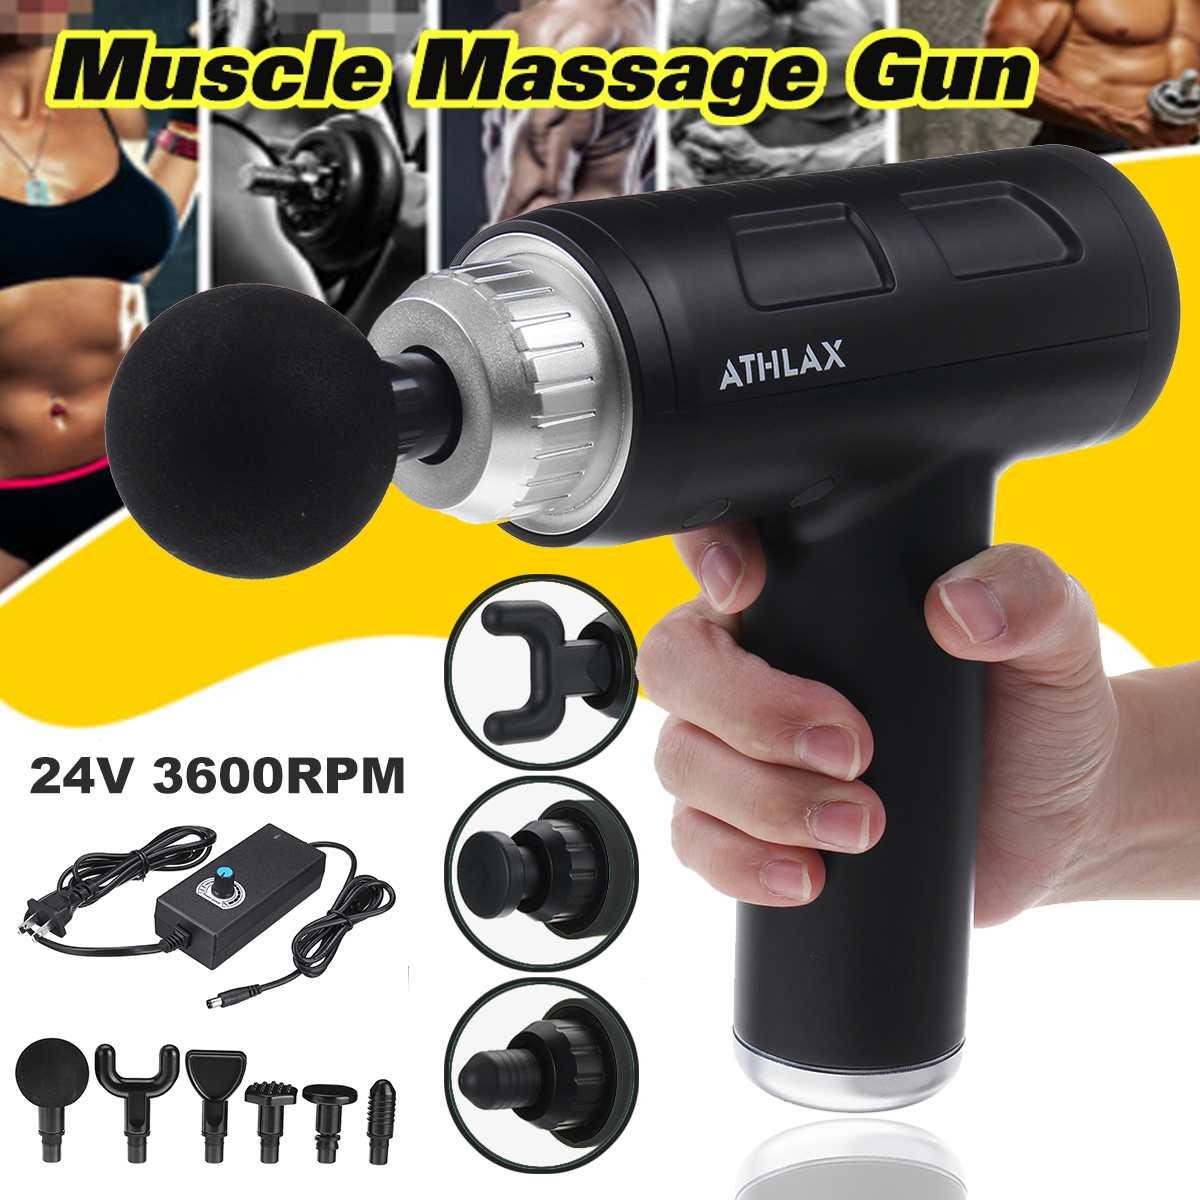 Miofascial fisioterapia Fascia Guns reducción de ruido Denoise masaje eléctrico músculo Relax profunda vibración masajeador con 6 cabezas